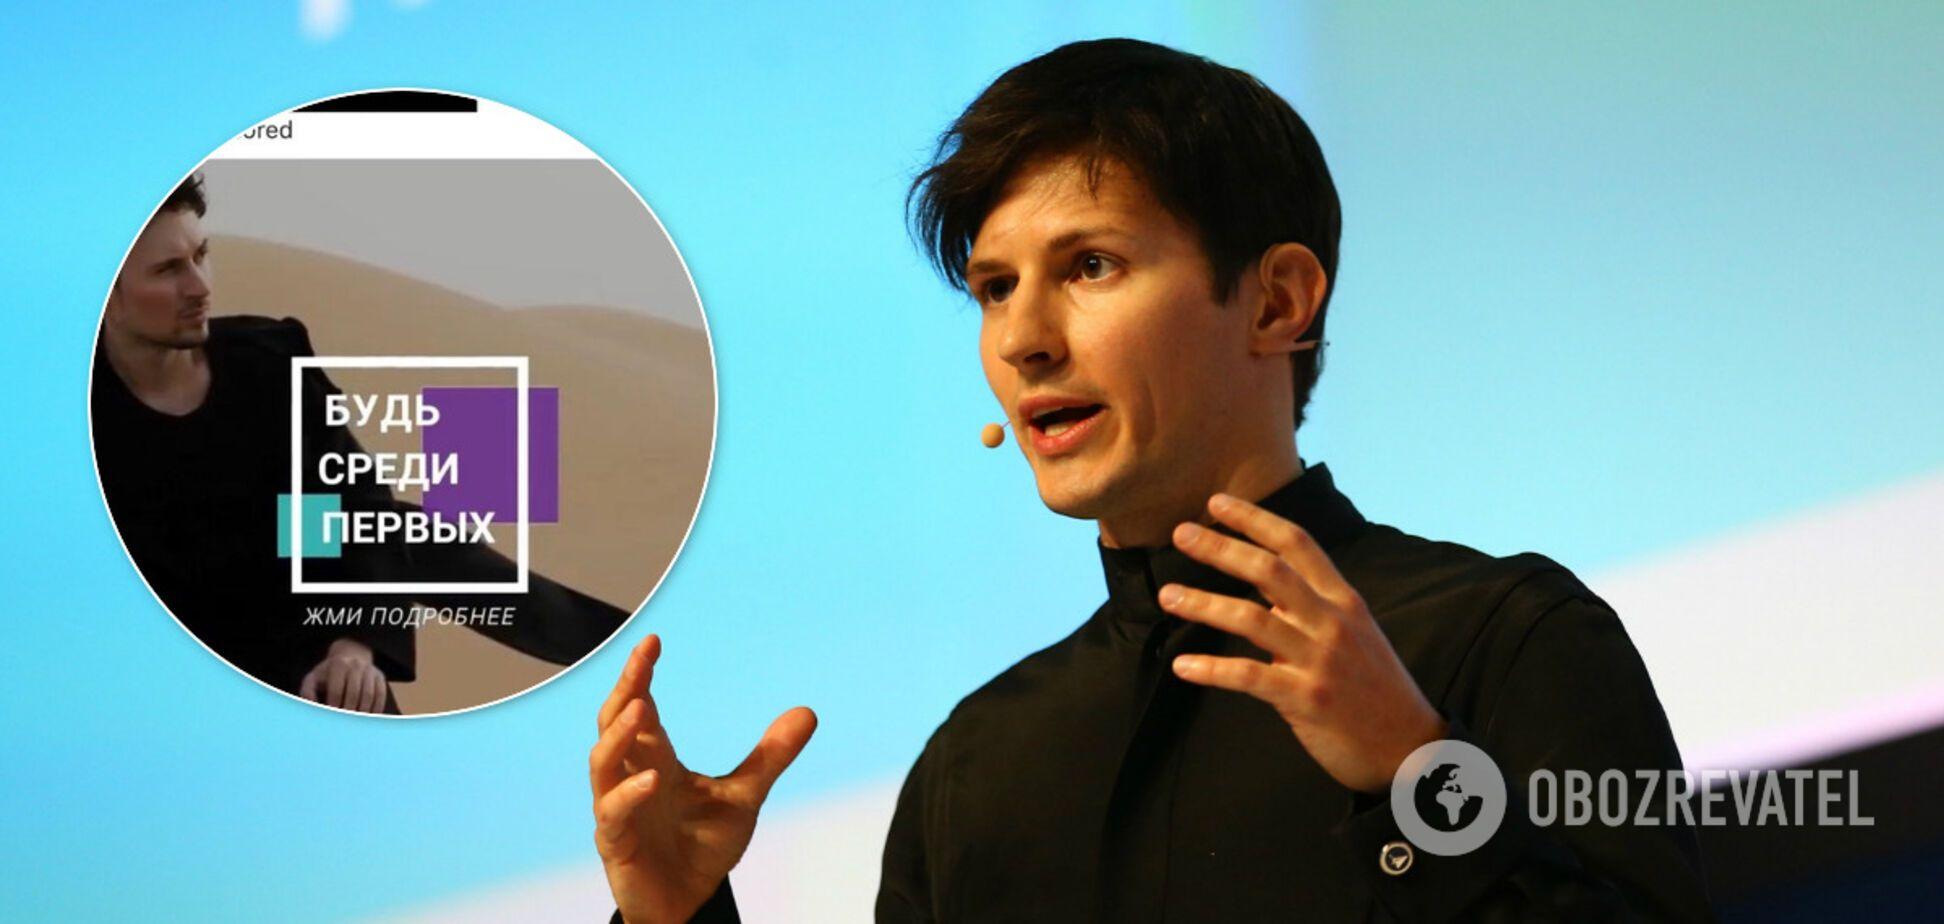 Дуров обвинил Facebook и Instagram в заработке на его имени